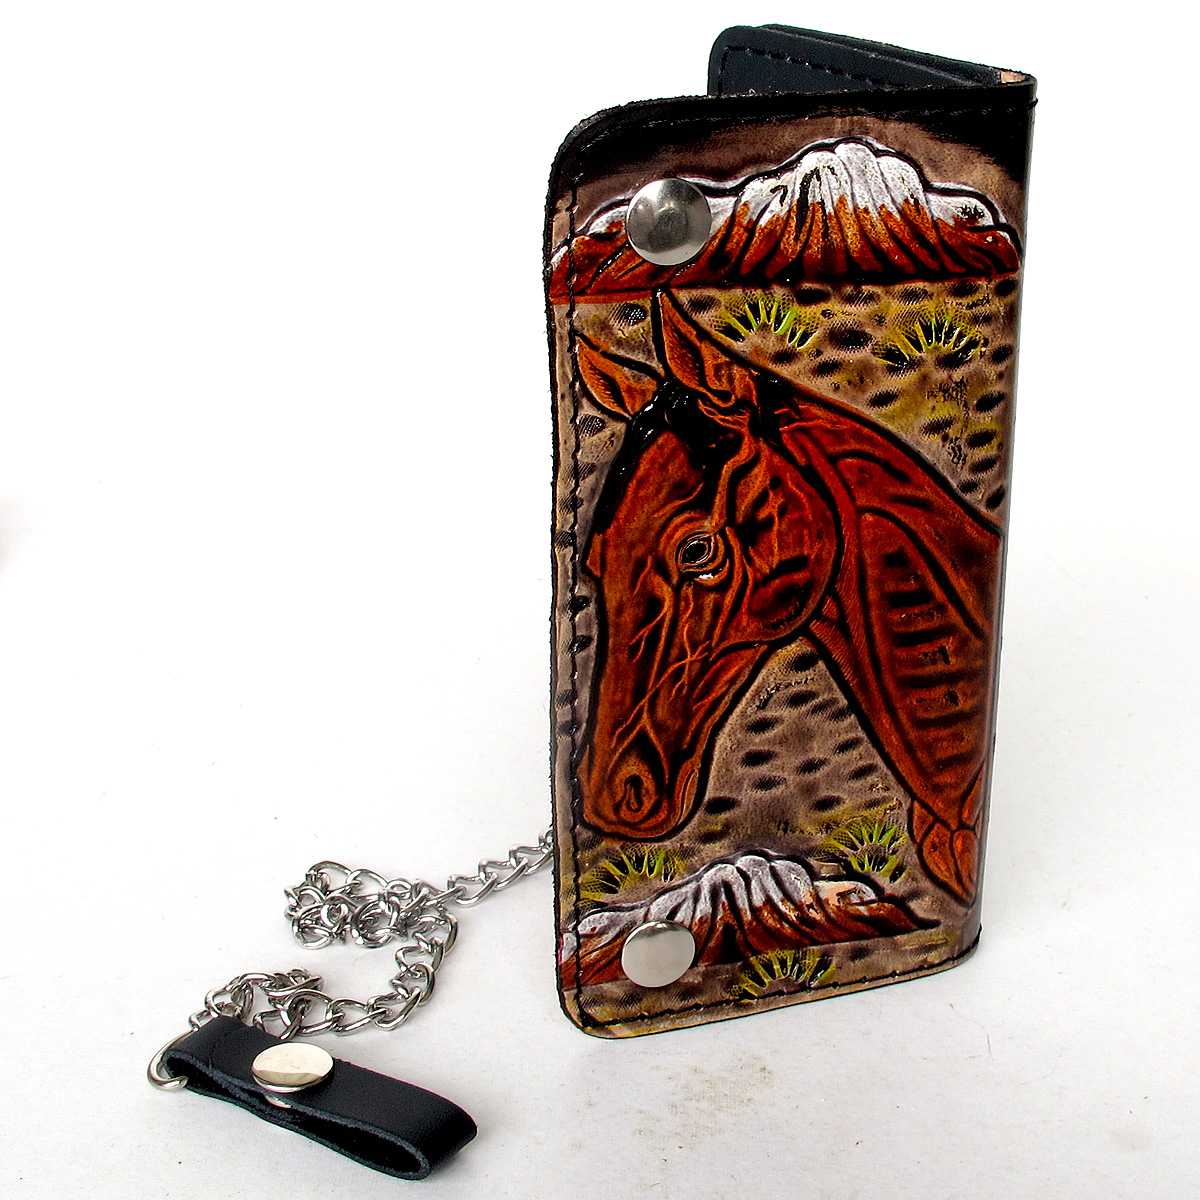 กระเป๋าสตางค์ยาว สีดำ ลวดลาย ม้าใหญ่ แบบ 2 พับ พร้อมโซ่